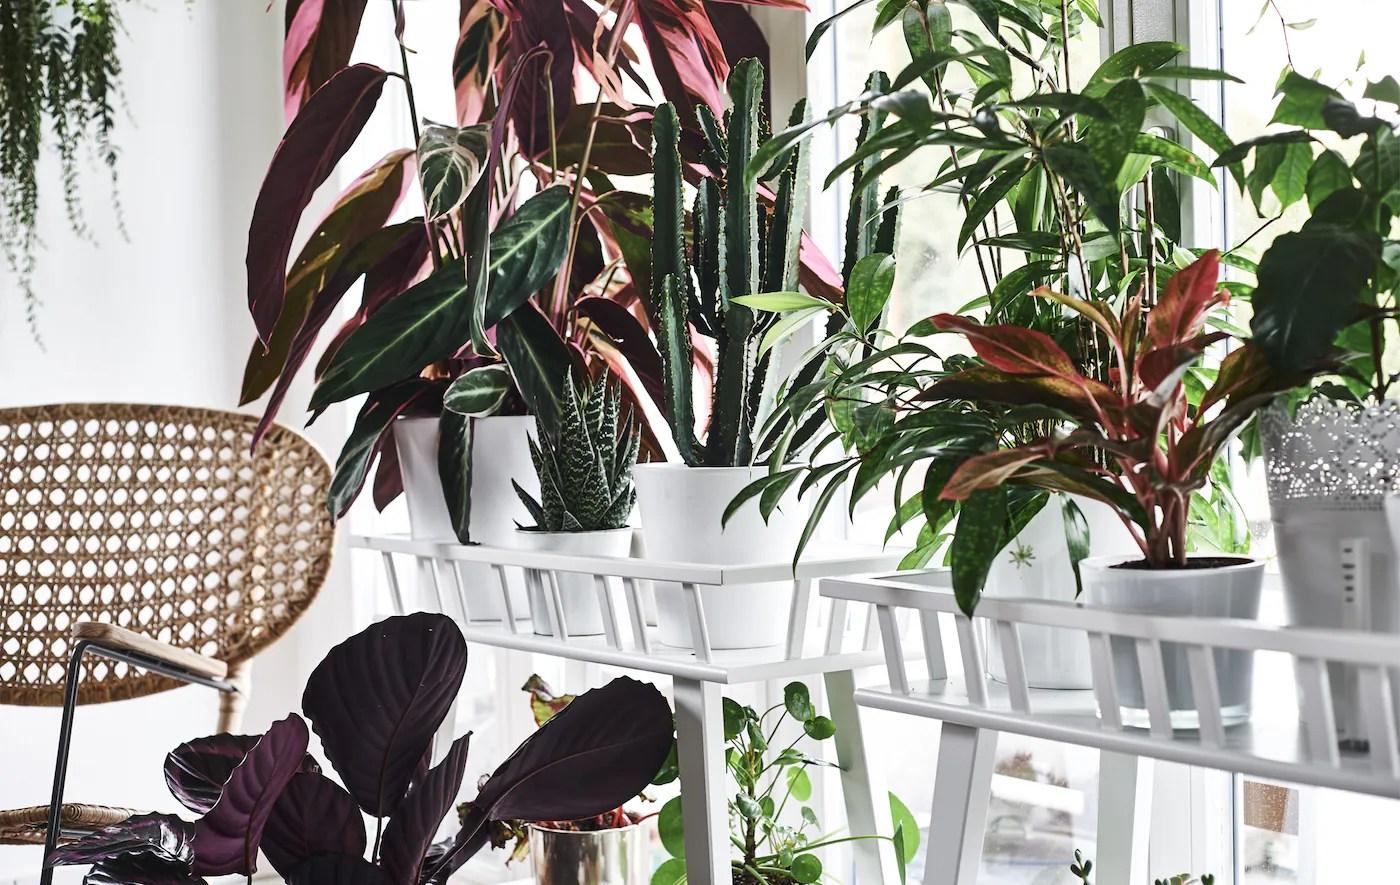 Se si opta per una disposizione in vasi pensili, è bene farsi consigliare da un vivaista per scegliere le piante più adatte a garantire un. Dove Sistemare Le Piante In Casa Ikea It